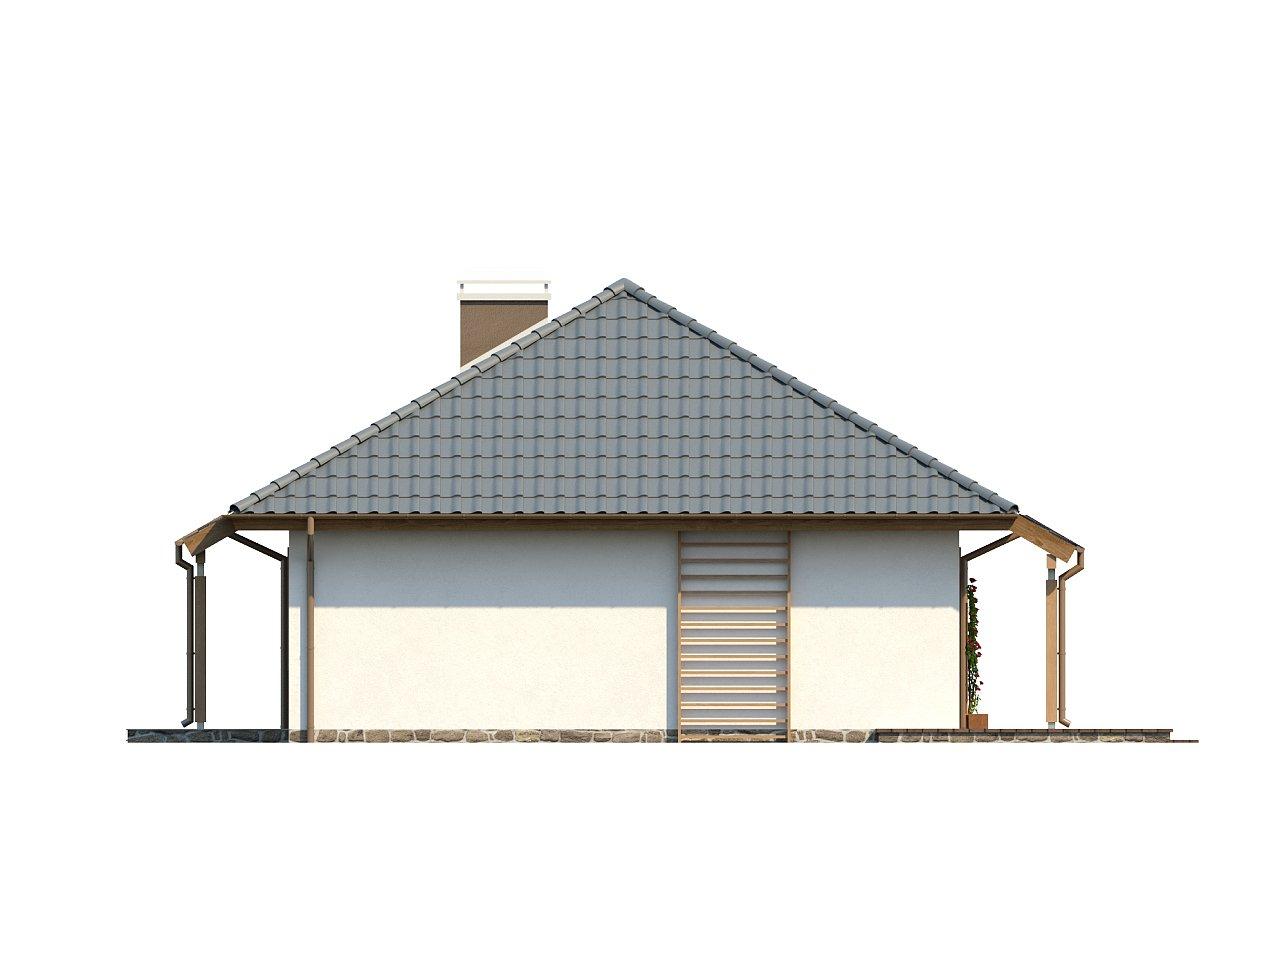 Проект практичного одноэтажного дома в традиционном стиле. 16